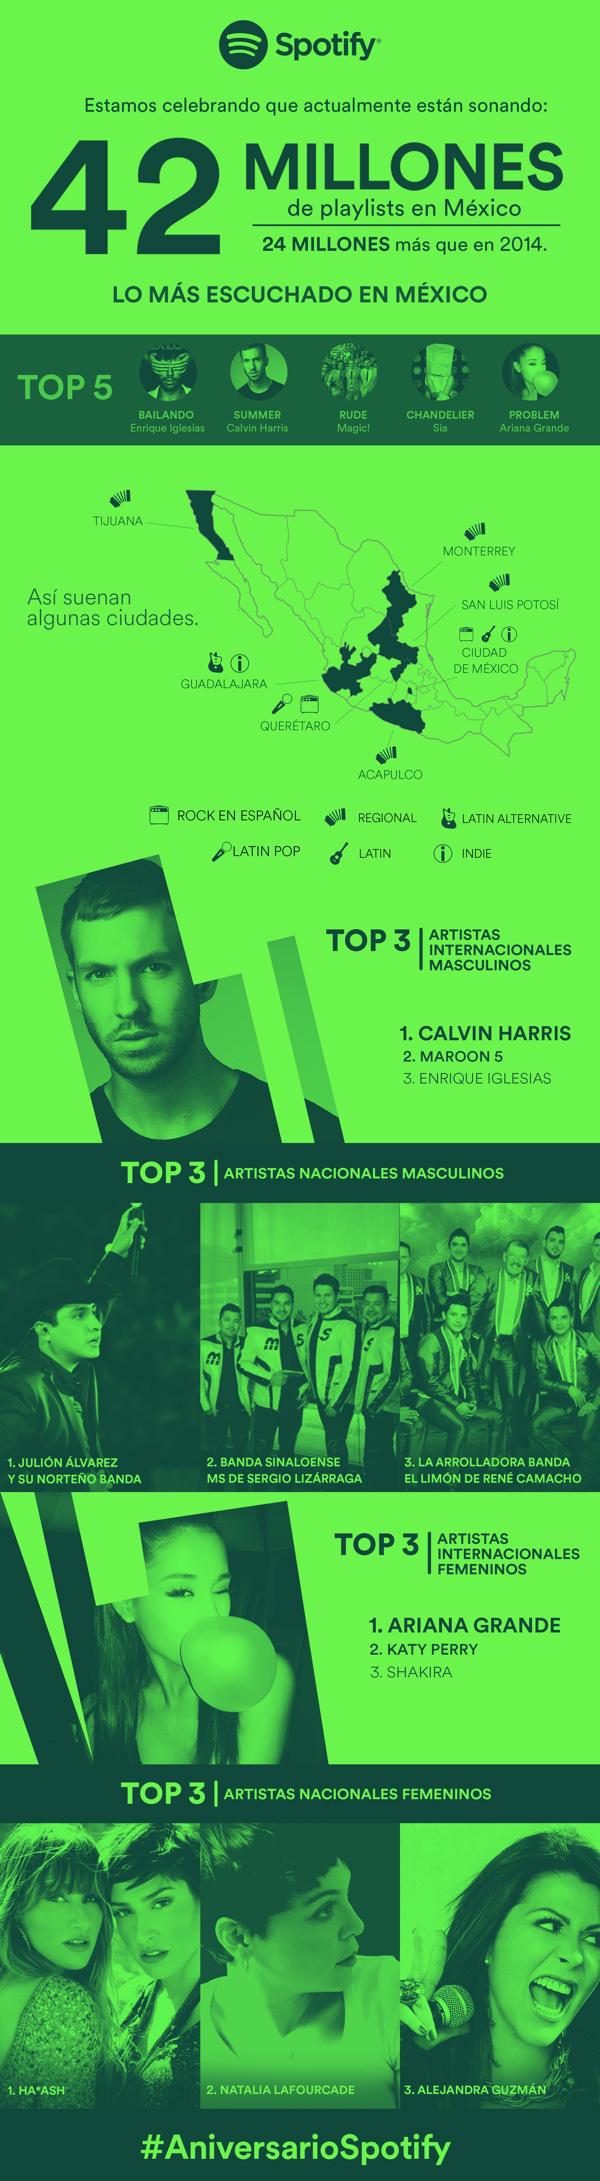 Spotify en México